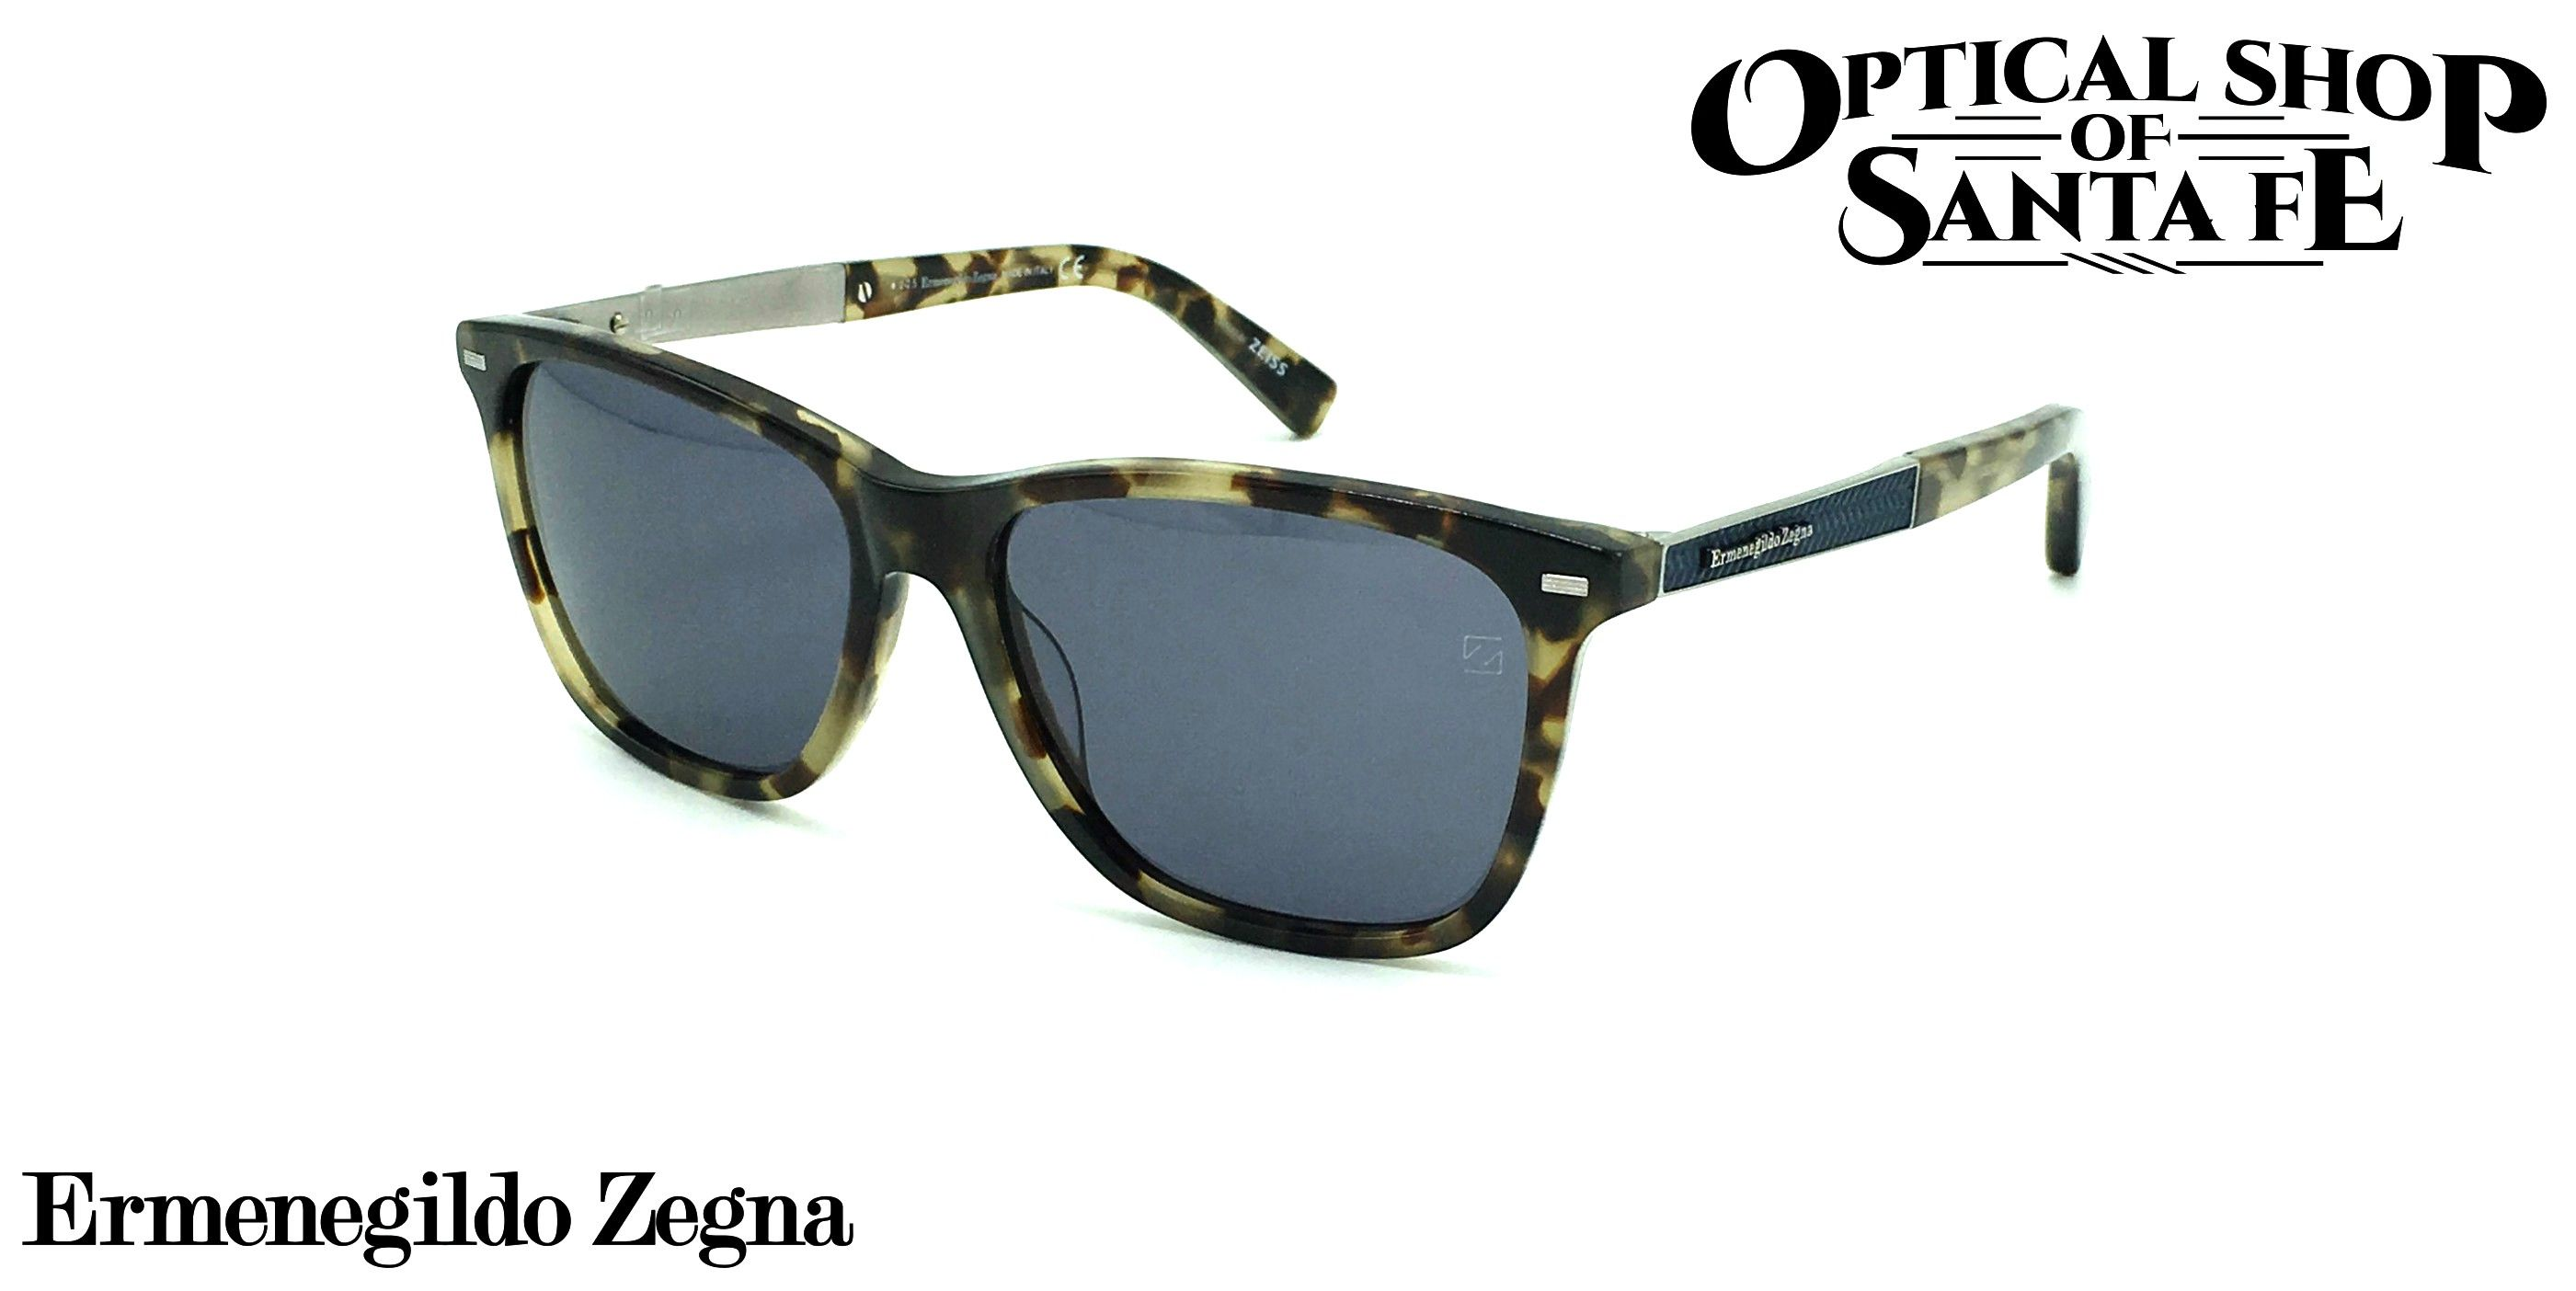 7ec5d6db65c0 Ermenegildo Zegna - Sunglasses / Eyewear   Ermenegildo Zegna ...